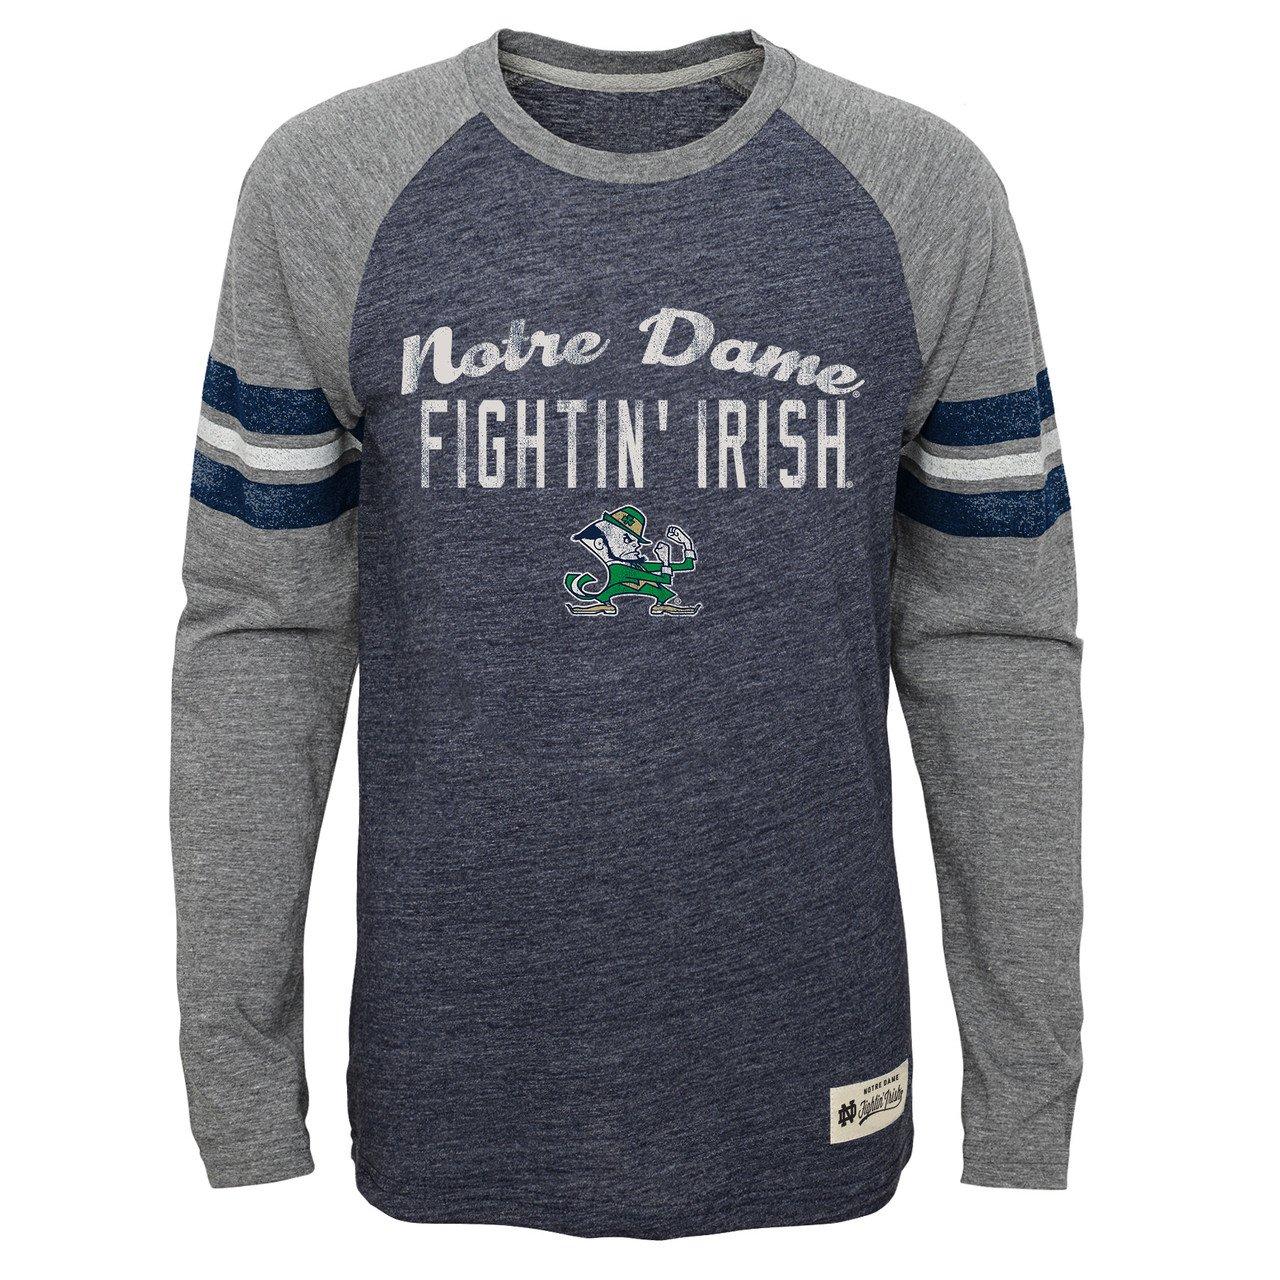 【クーポン対象外】 Notre Dame Fighting Irish Notre Youth NCAAフットボールPrideロングスリーブTシャツ – – B0764JQ8JP ネイビー、 Large B0764JQ8JP, 2019年新作入荷:692944cc --- narvafouette.eu